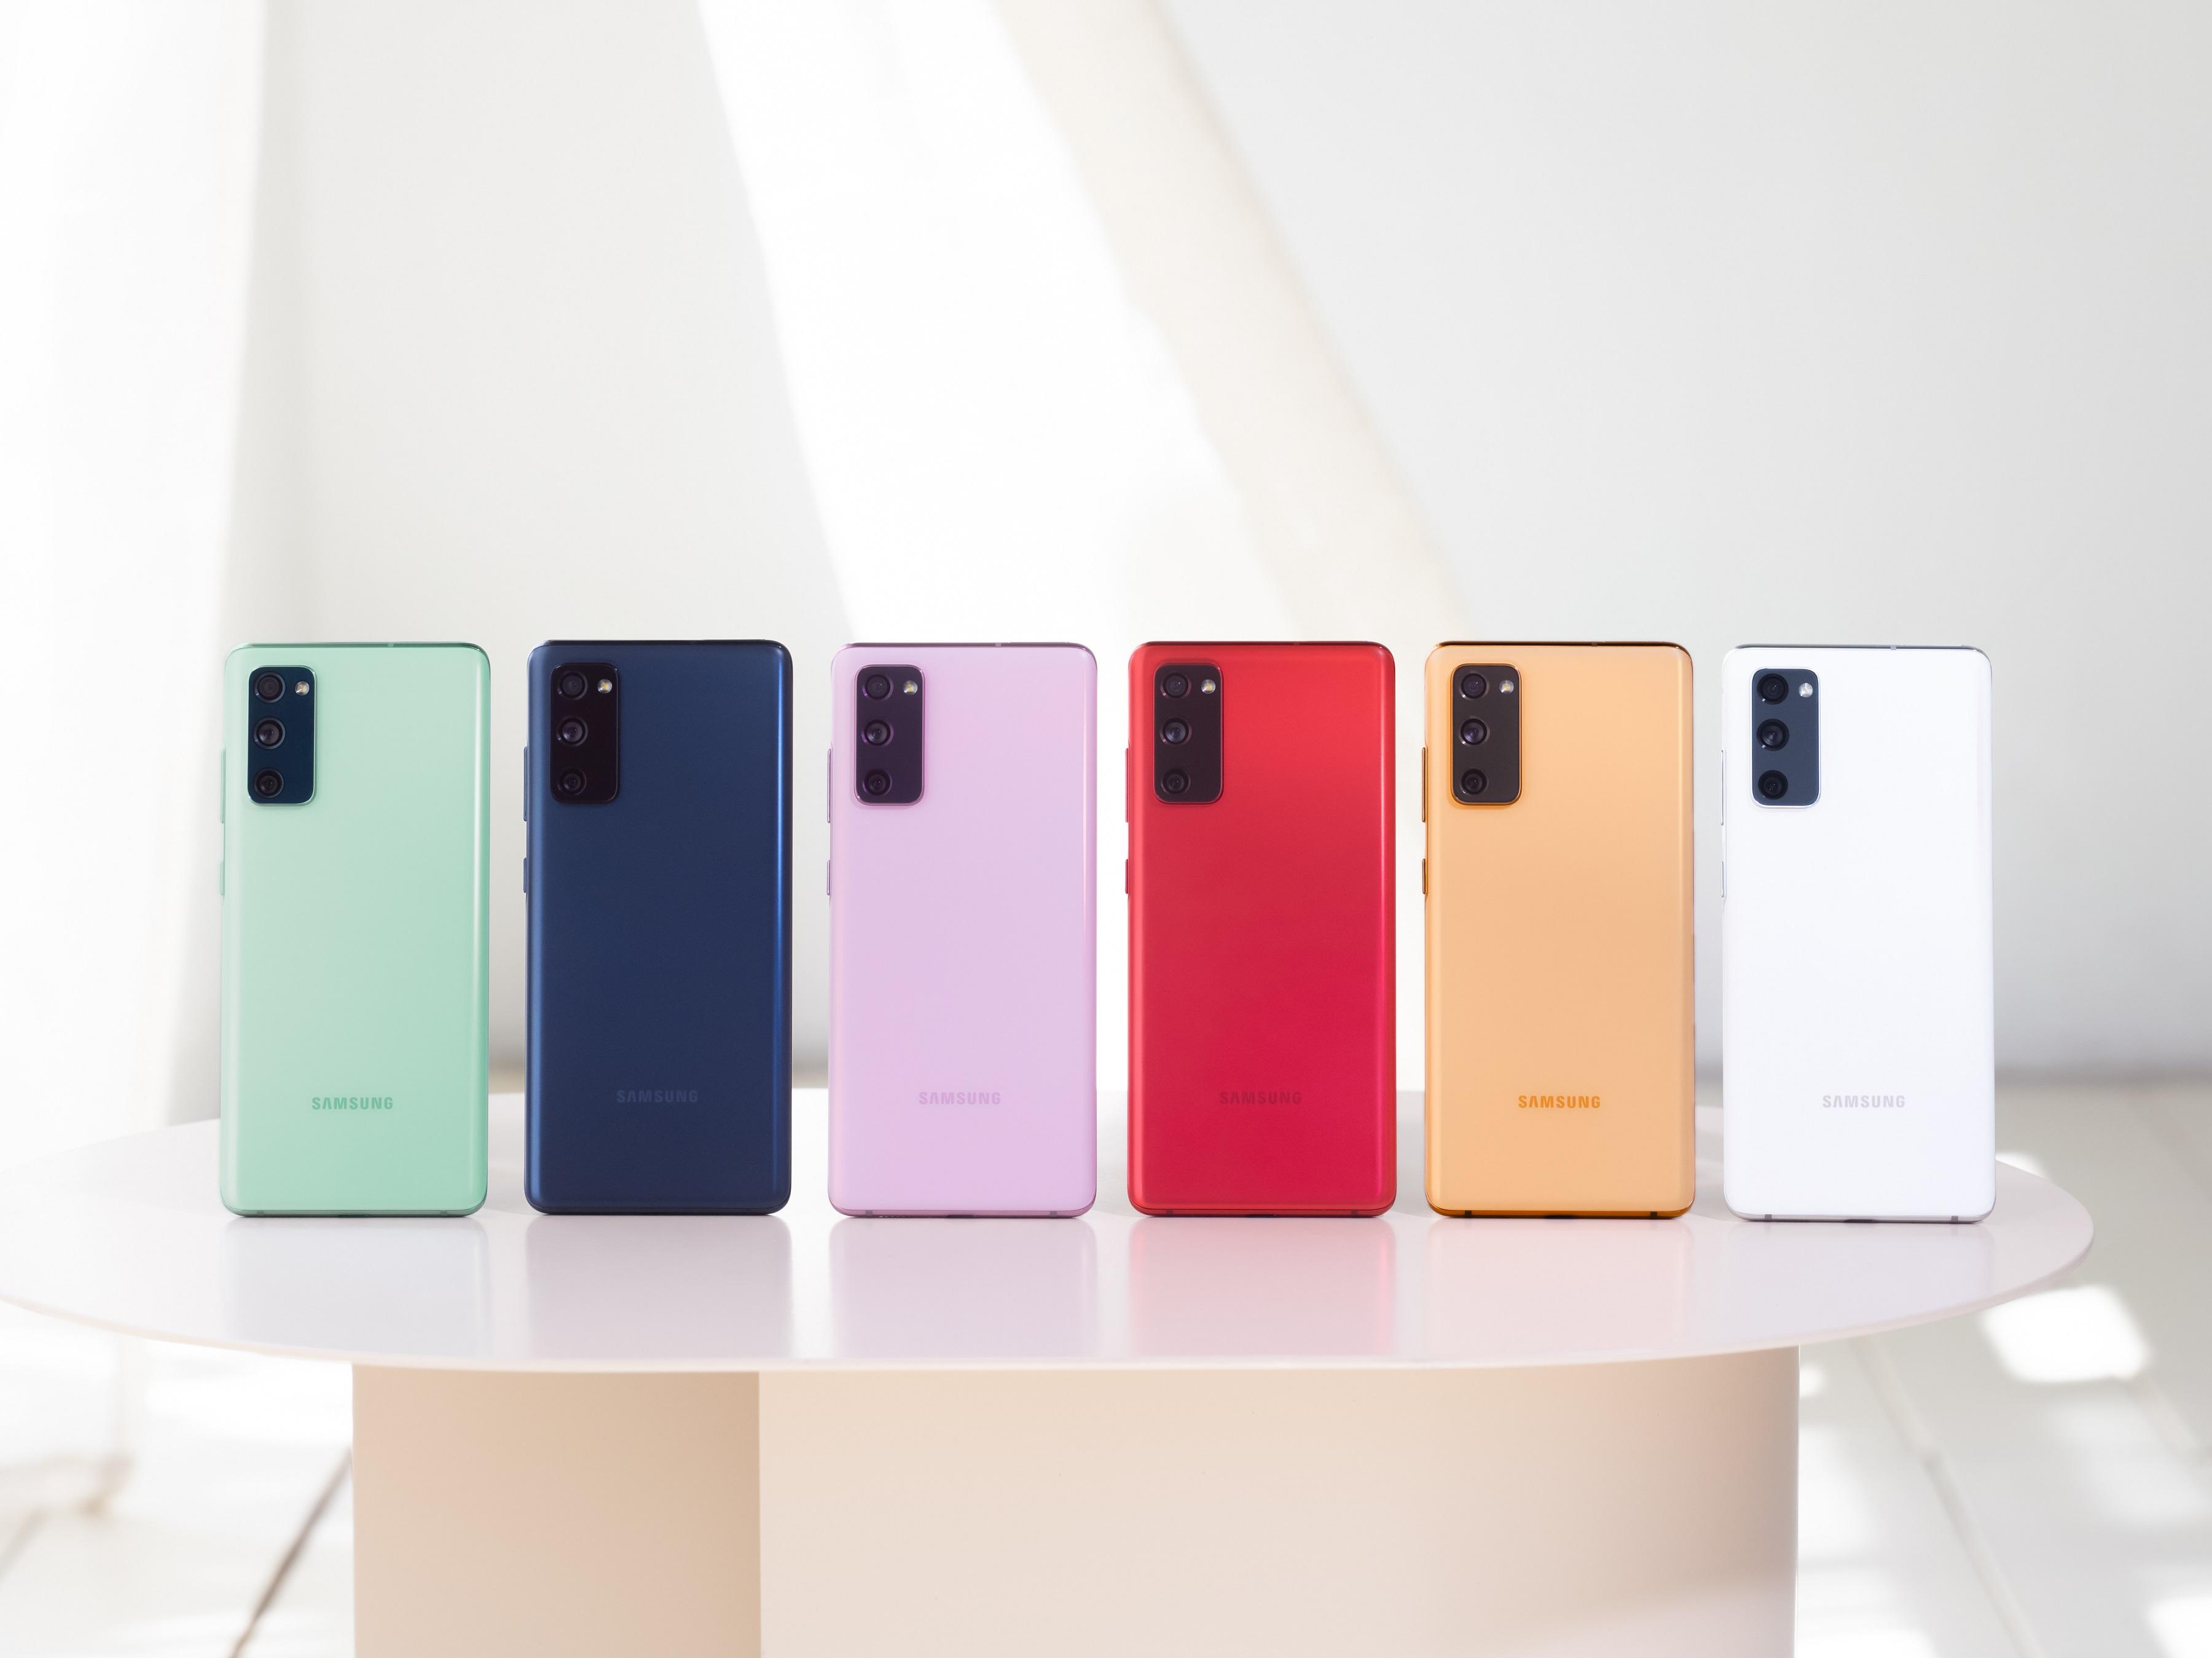 เสียงตอบรับจากสื่อทั่วโลกต่อ Galaxy S20 FE สมาร์ทโฟนระดับพรีเมียม ในราคาที่เข้าถึงได้